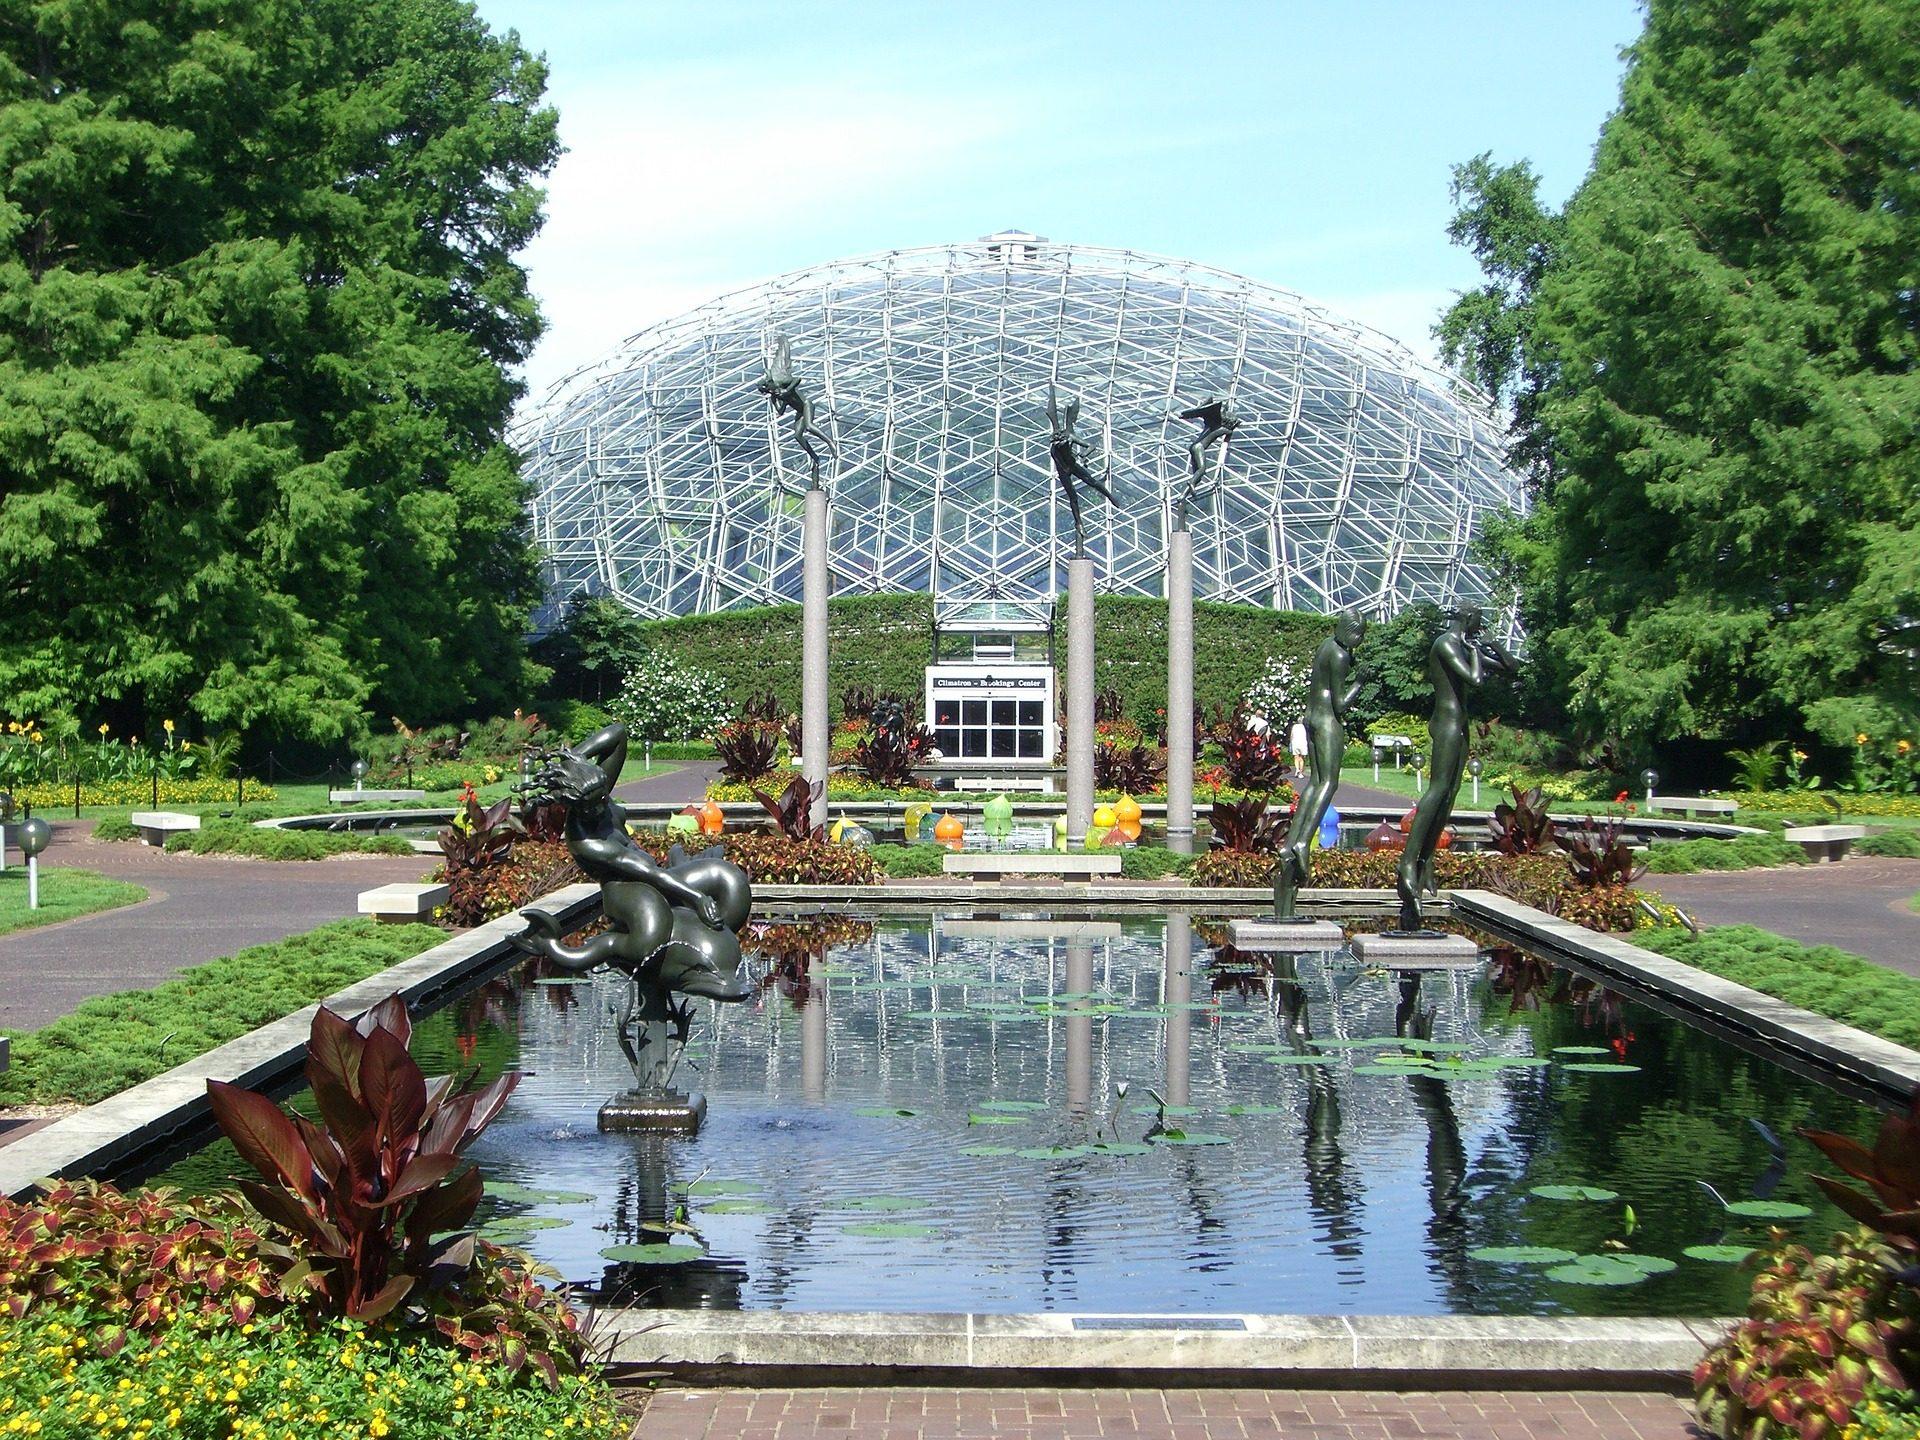 حدائق, بناء, قبة, المصدر, التماثيل, سانت لويس, ميزوري - خلفيات عالية الدقة - أستاذ falken.com